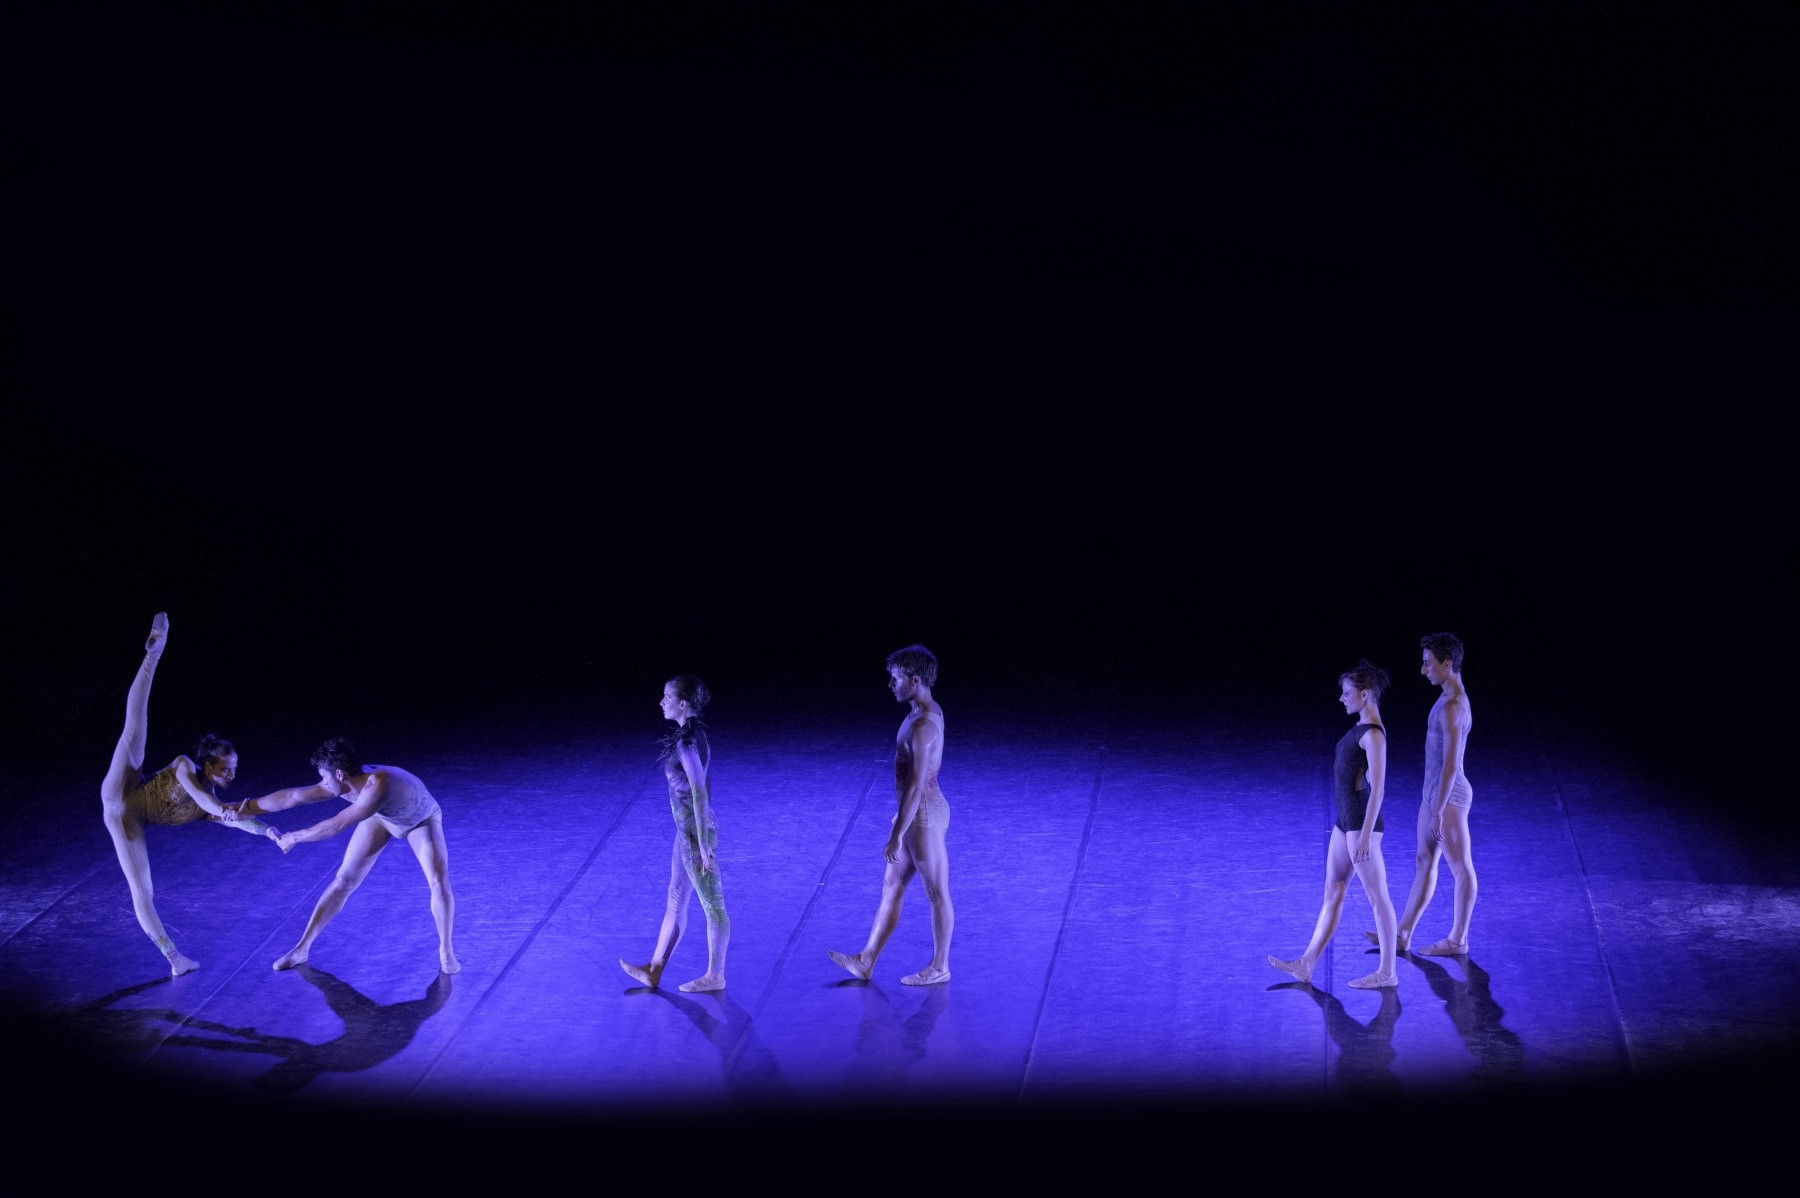 Gabriele-Rossi-114 Dance